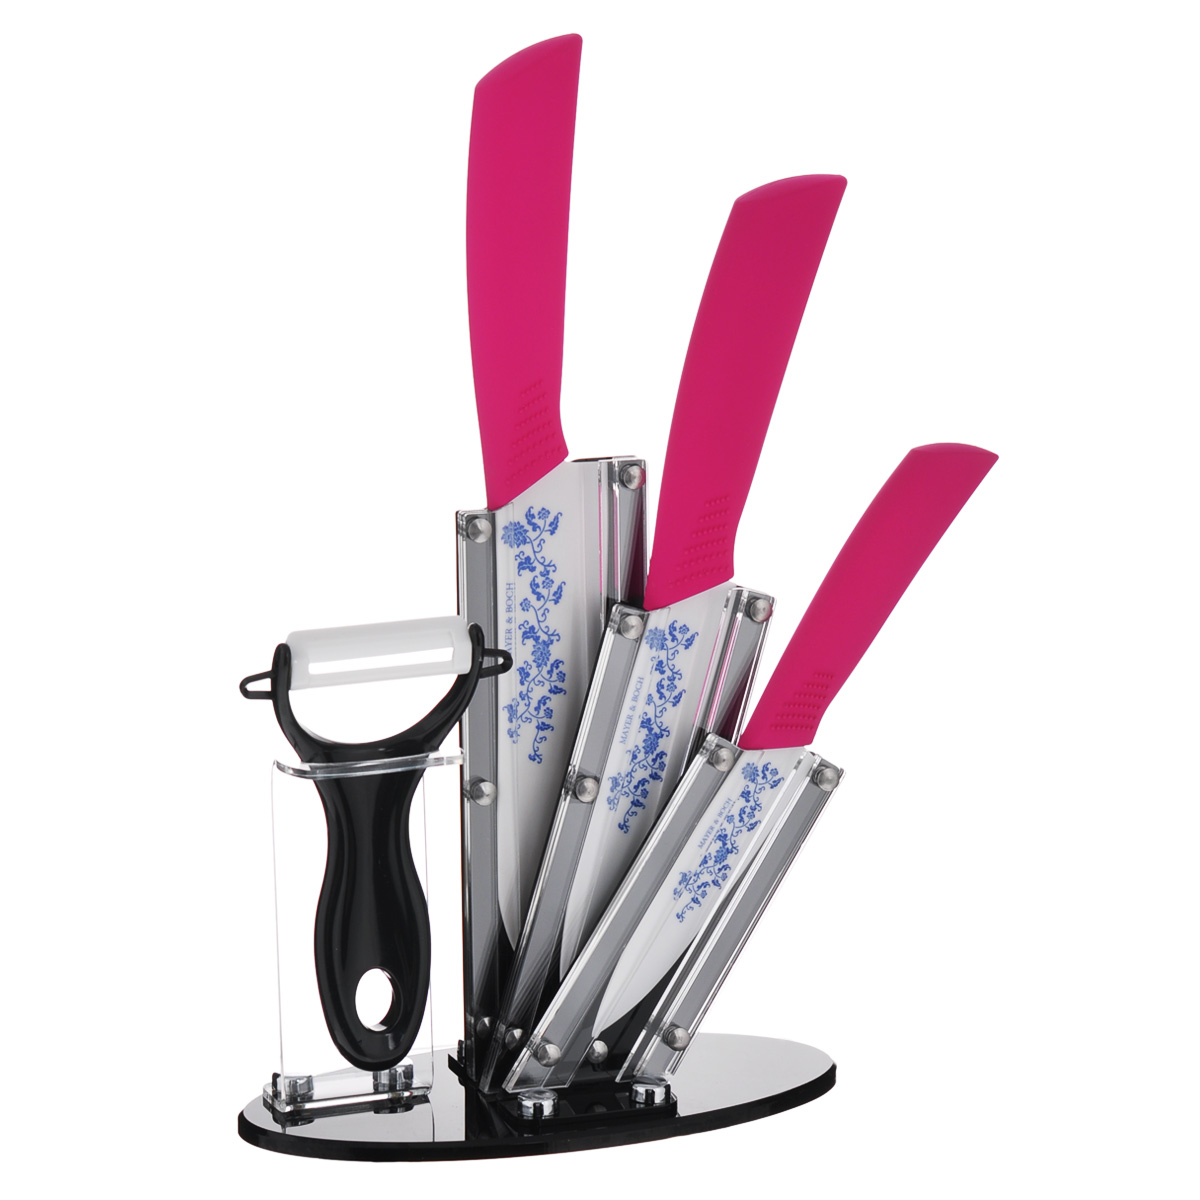 Набор керамических ножей Mayer & Boch, цвет: красный, 5 предметов. 2185321853Набор ножей Mayer & Boch состоит из поварского ножа, универсального ножа, ножа для чистки, ножа-пиллера и подставки. Лезвия ножей выполнены из высококачественной циркониевой керамики и декорированы цветочныморнаментом. Керамические ножи не подвергаются коррозии и не придают металлического привкуса или запаха, а также сохраняют свежесть продуктов. Режущая кромка лезвий устойчива к притуплению. Ножи высоко гигиеничныи легки в очистке.Рукоятки эргономичной формы выполнены из ABS-пластика с прорезиненным покрытием. Специальный дизайн рукоятки обеспечивает комфортный и легко контролируемый захват.В комплект входит акриловая подставка.В наборе есть все необходимое для ежедневной нарезки фруктов, овощей и мяса. Ножи не рекомендуется мыть в посудомоечной машине.Длина лезвия поварского ножа: 15,2 см.Общая длина поварского ножа: 27 см.Длина лезвия универсального ножа: 13 см.Общая длина универсального ножа: 24,5 см.Длина лезвия ножа для чистки: 10 см.Общая длина ножа для чистки: 20,5 см.Длина лезвия ножа-пиллера: 4,2 см.Длина ножа-пиллера: 13 см.Размер подставки (ДхШхВ): 18 см х 9 см х 18,5 см.